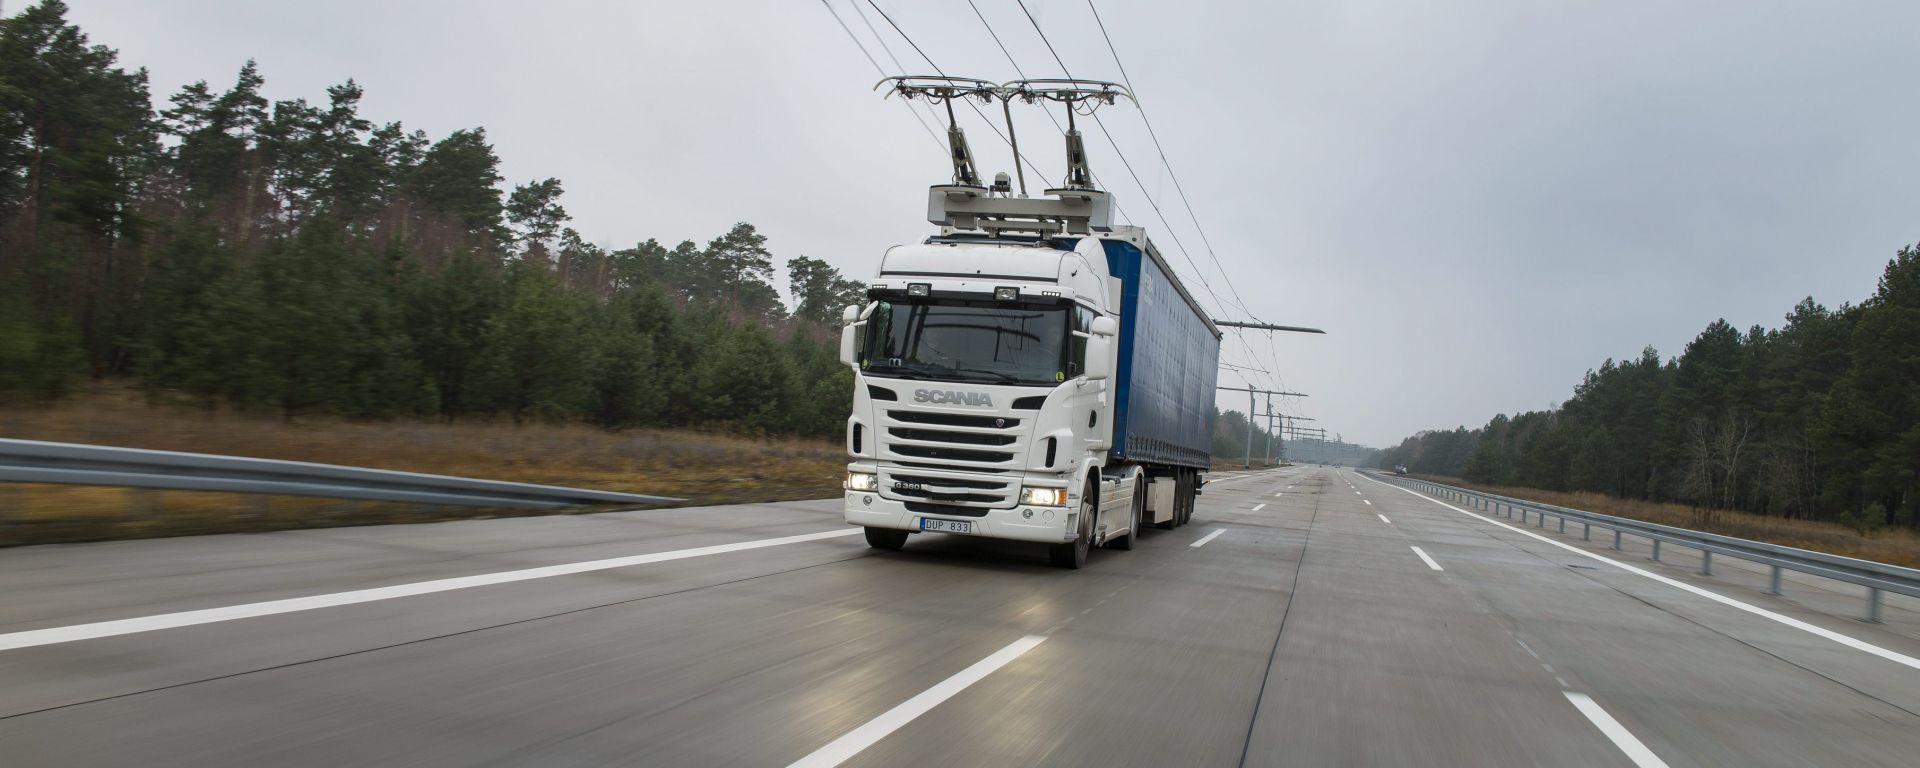 Scania e Siemens: l'autostrada elettrica per mezzi pesanti costruita in Svezia